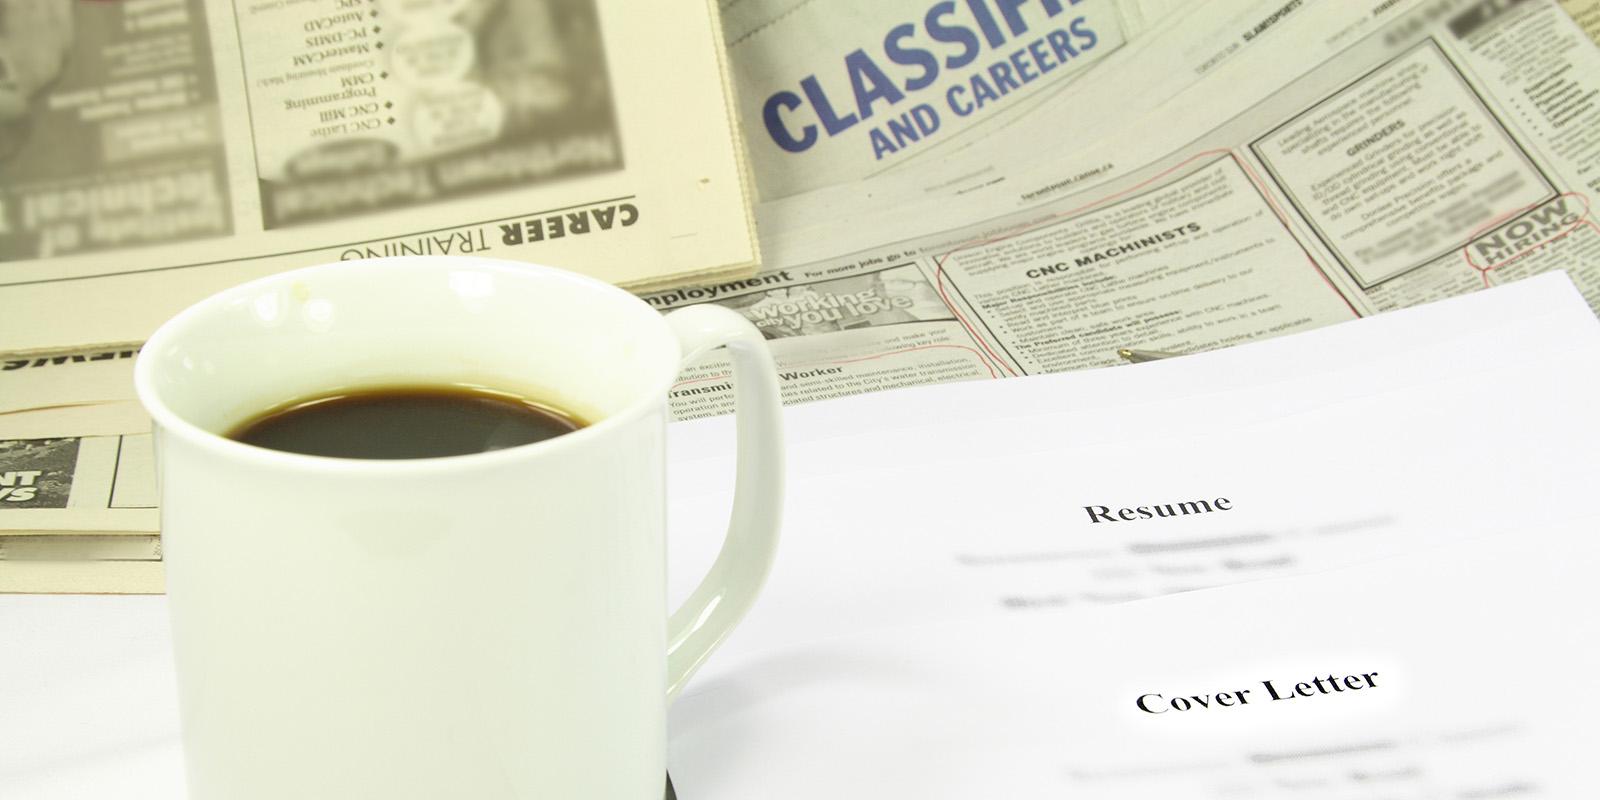 cover letter auf einem tisch bewerben auf englisch cover letter - Bewerbung Auf Englisch Bersetzen